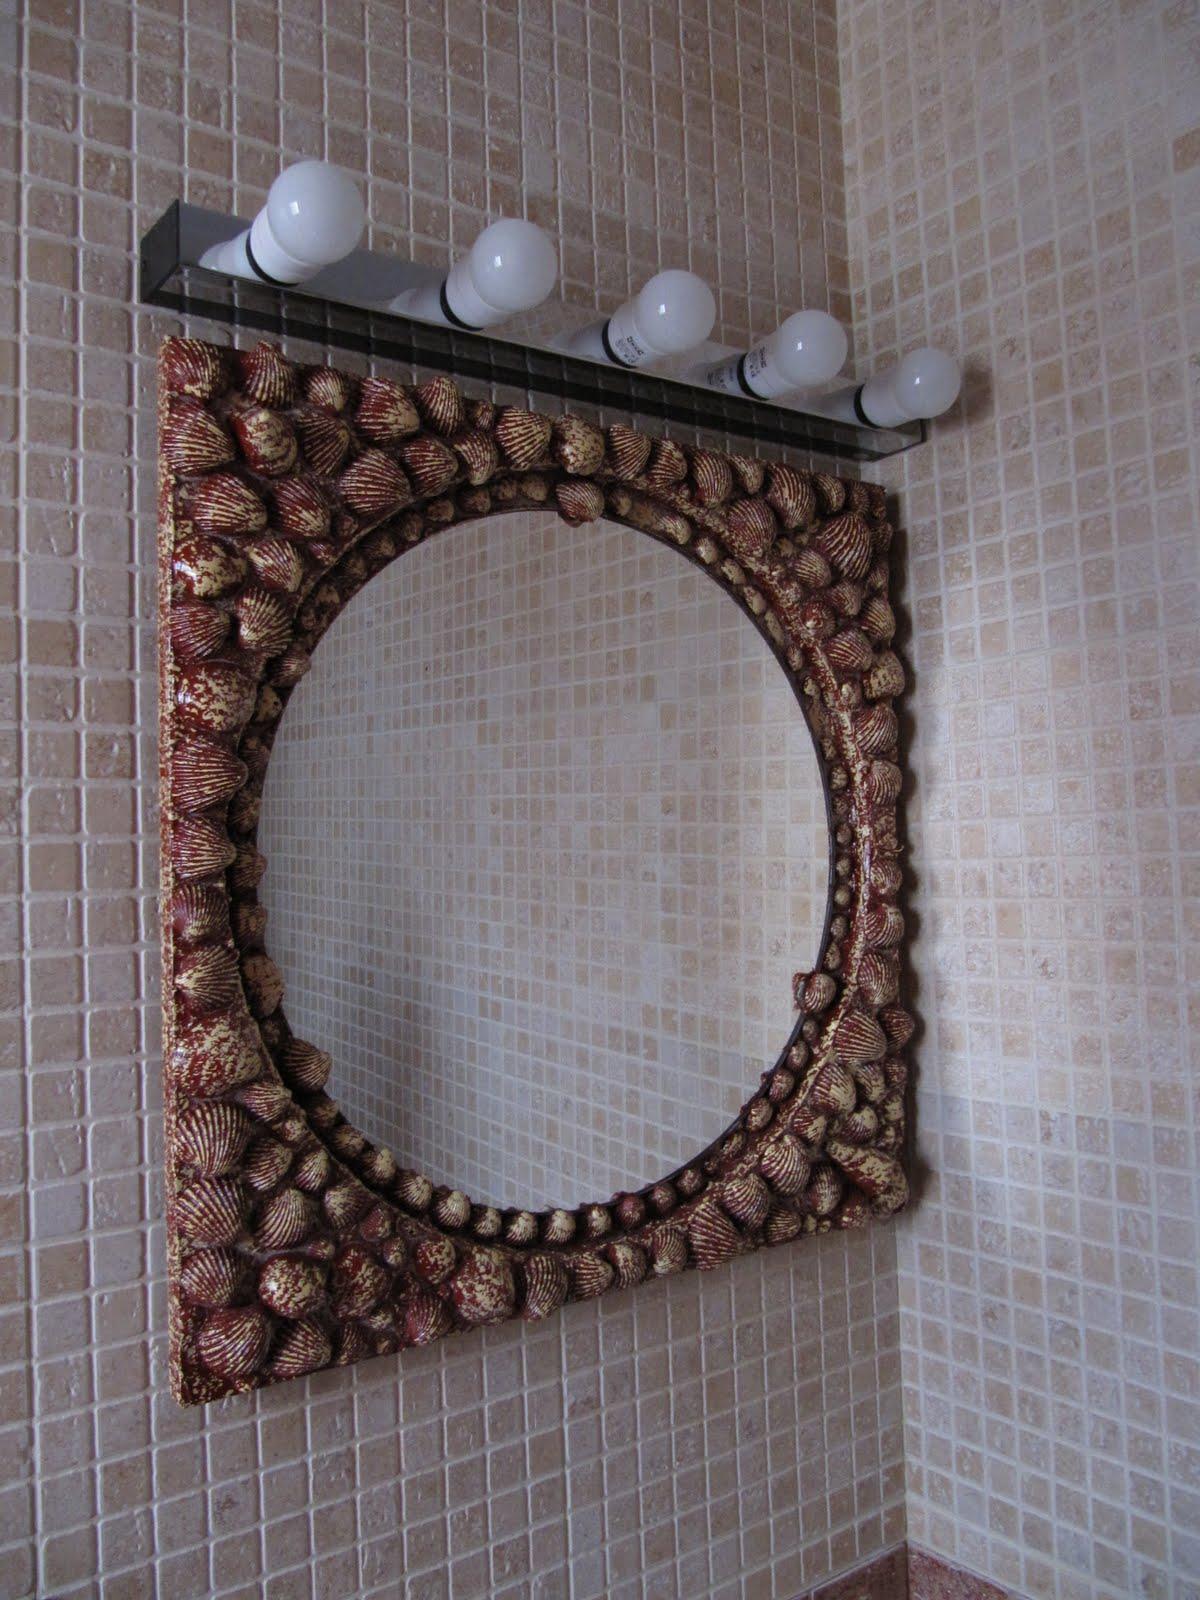 Taller de manualidades hoy como reciclar un viejo espejo - Hacer marcos para espejos ...